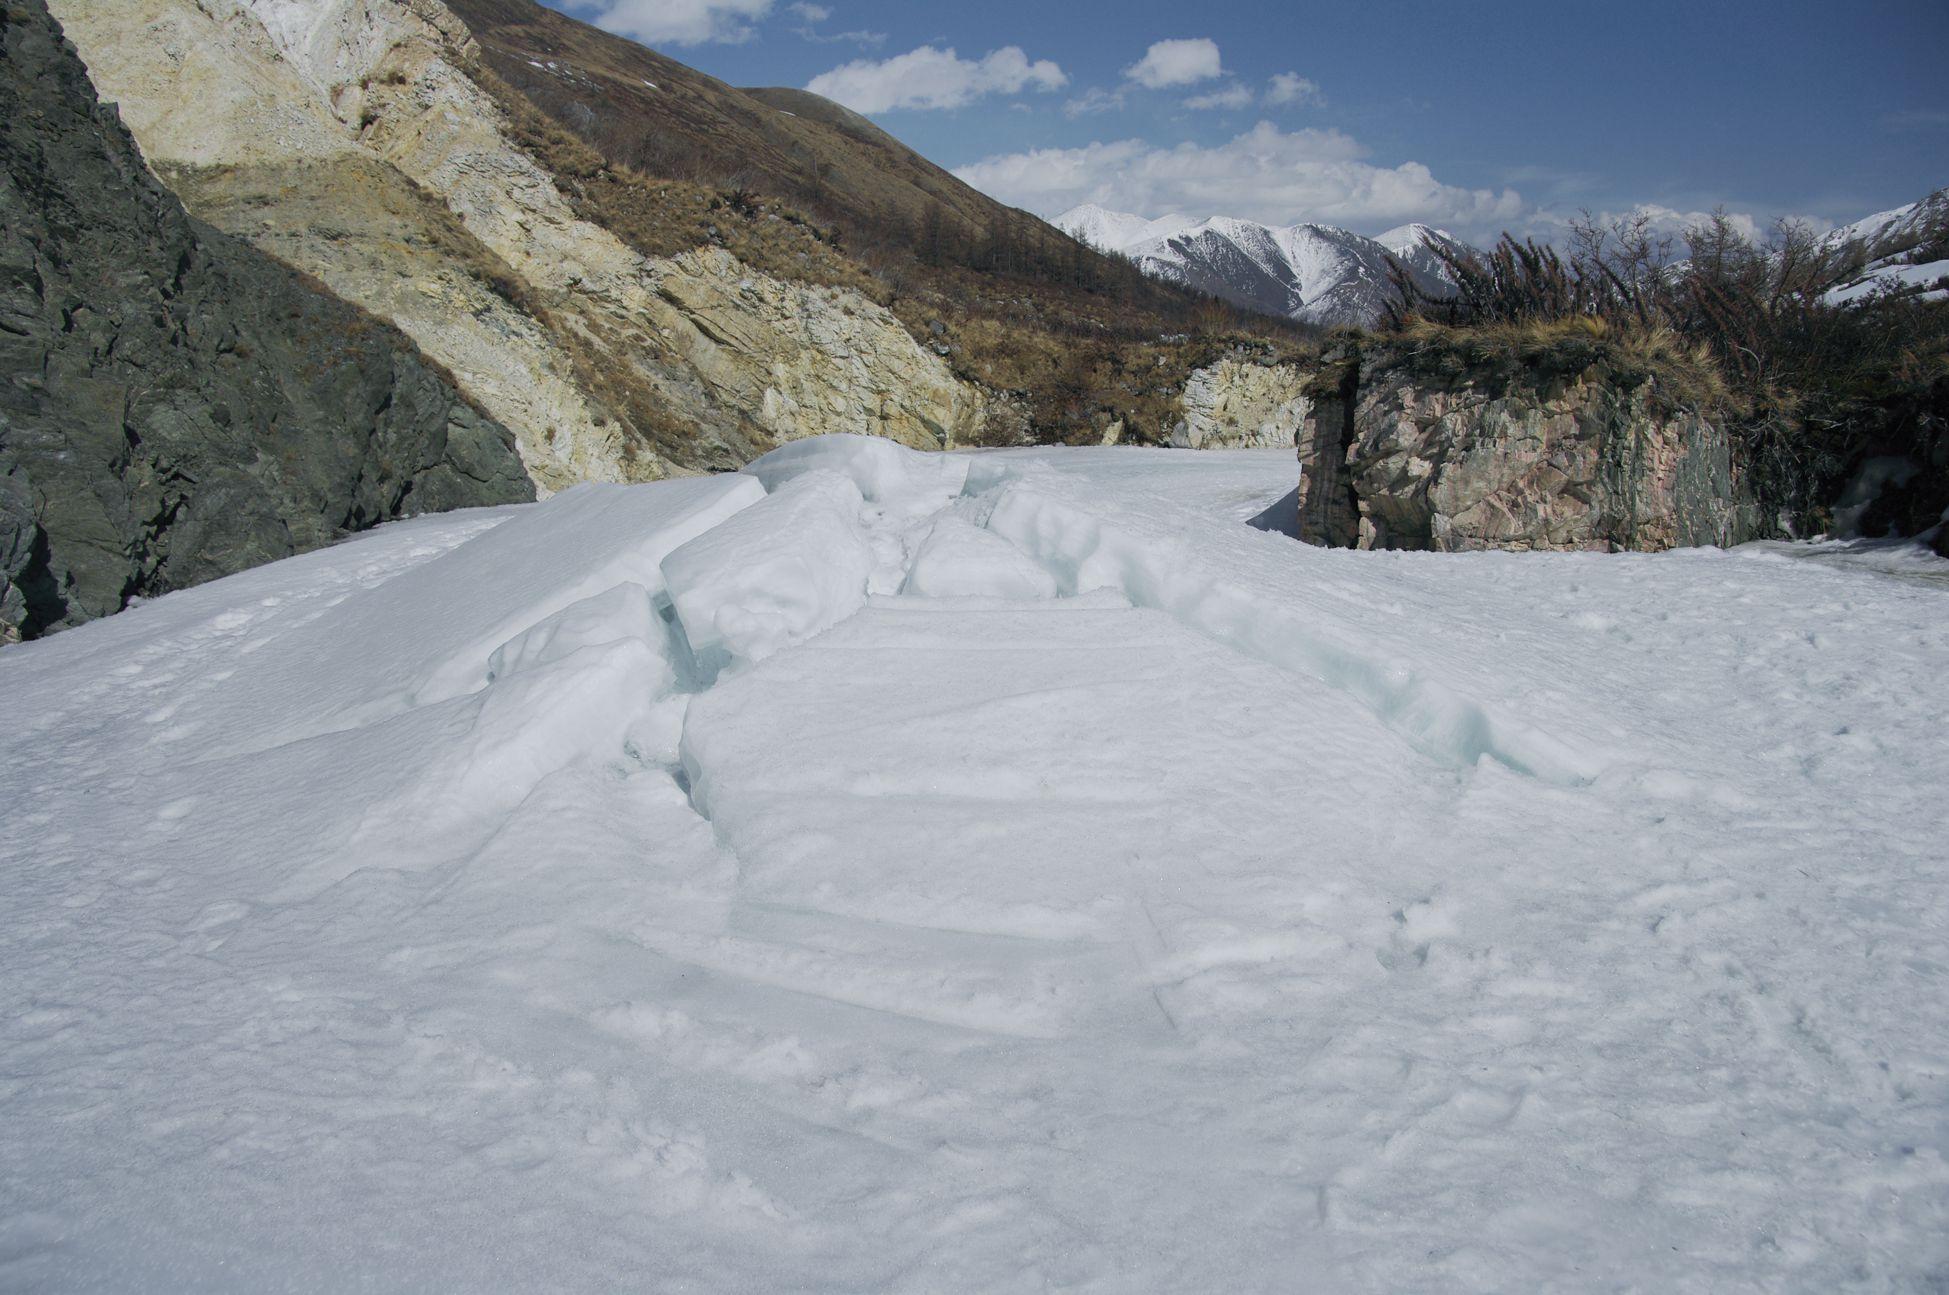 Фото ледяного бугра пучения